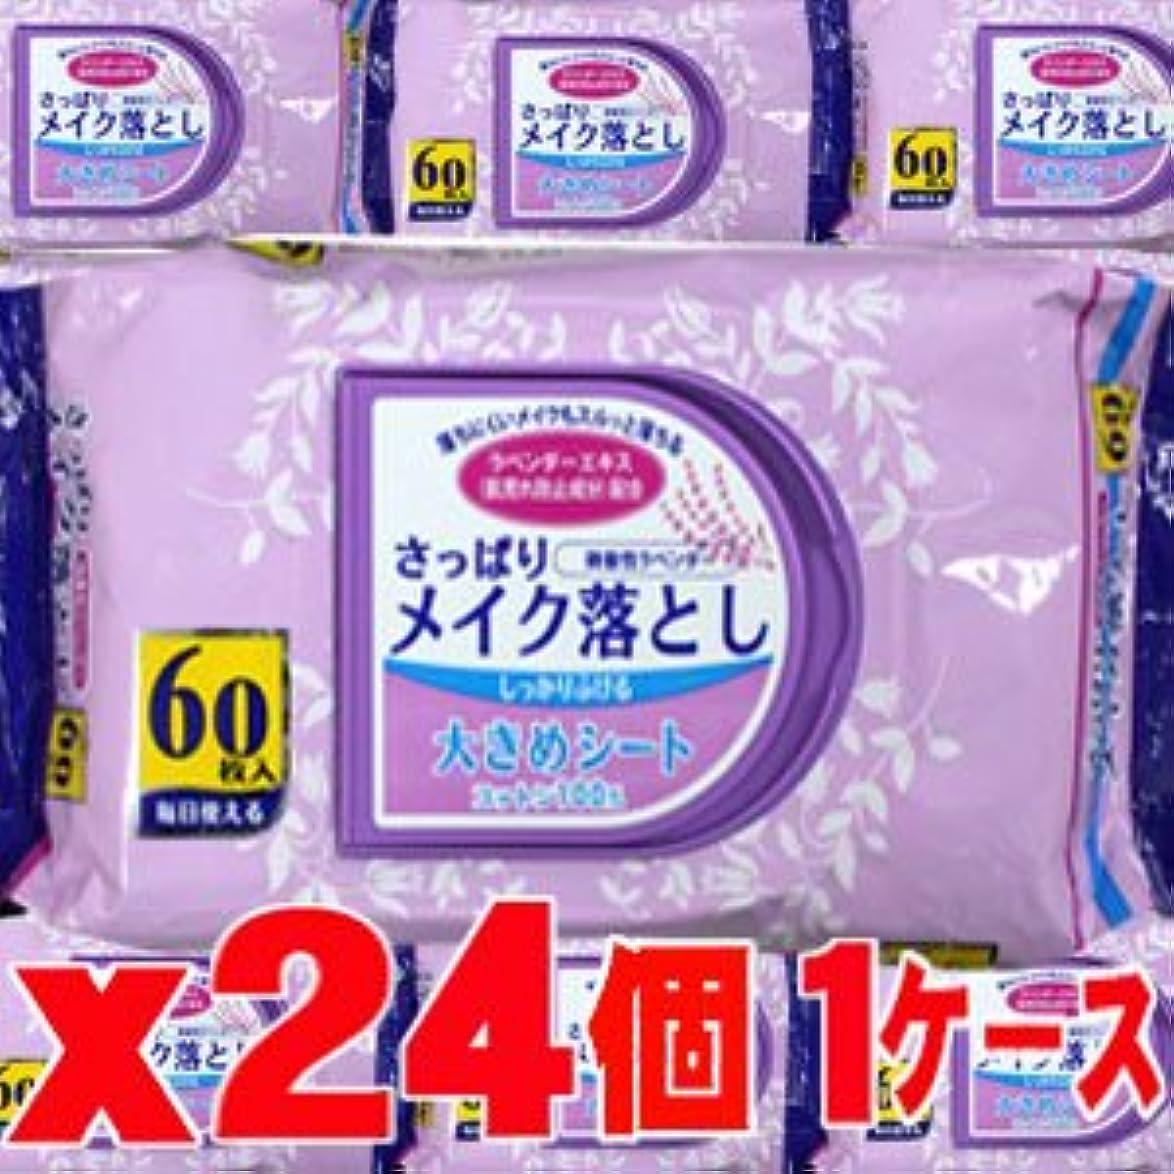 ずるいオーナメントオンス【24個】さっぱり メイク落とし 60枚x24個 1ケース (4994416031245)